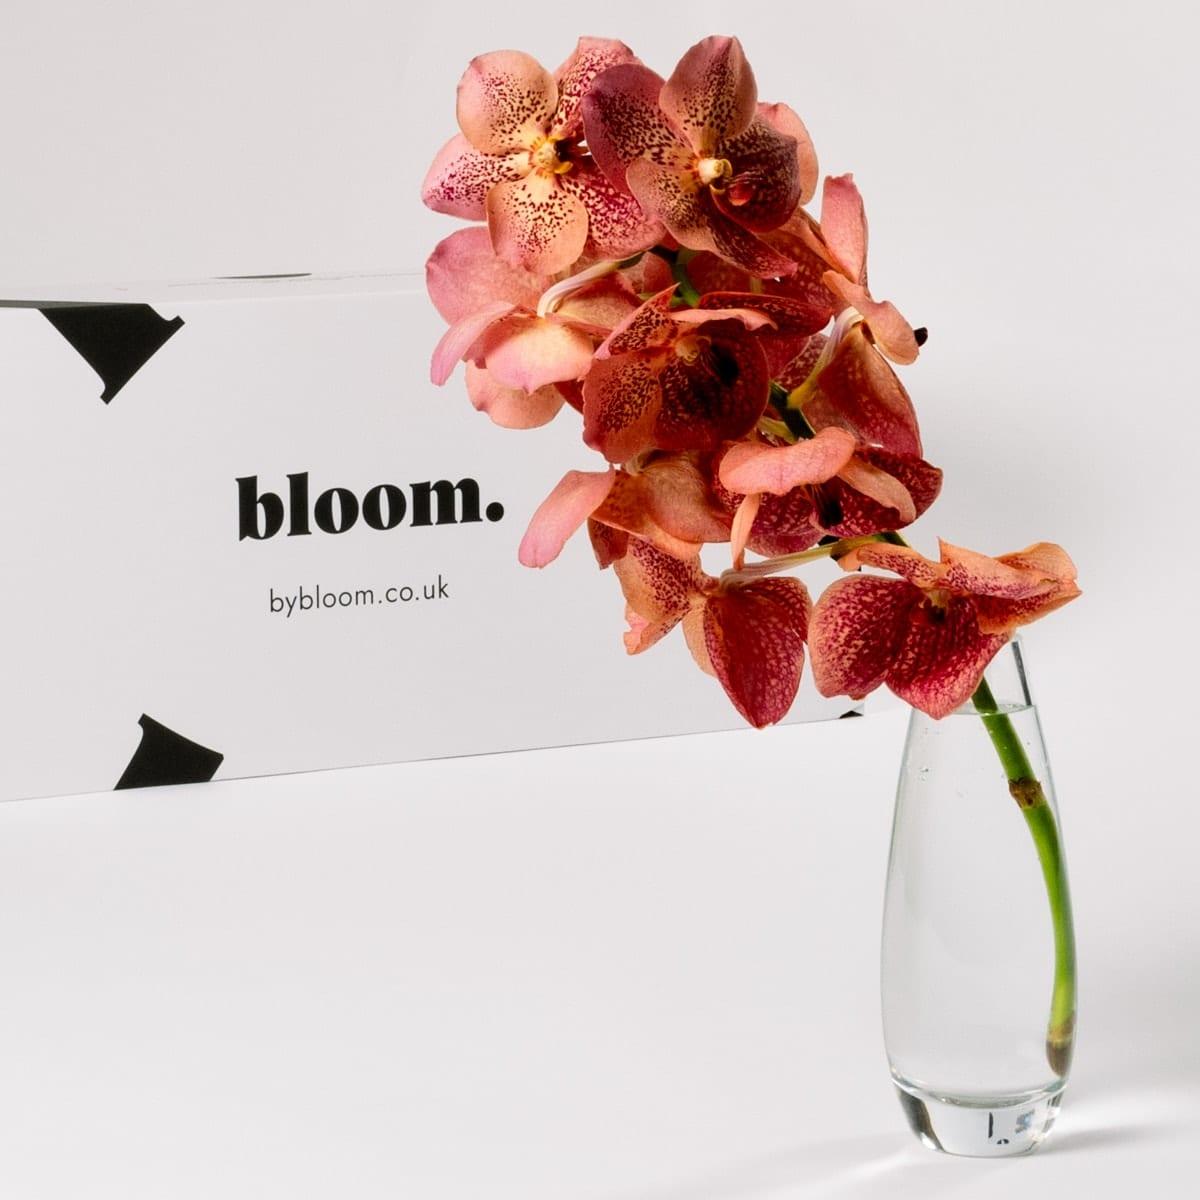 Bloom Flower Delivery | Magenta Haze Vanda Orchid